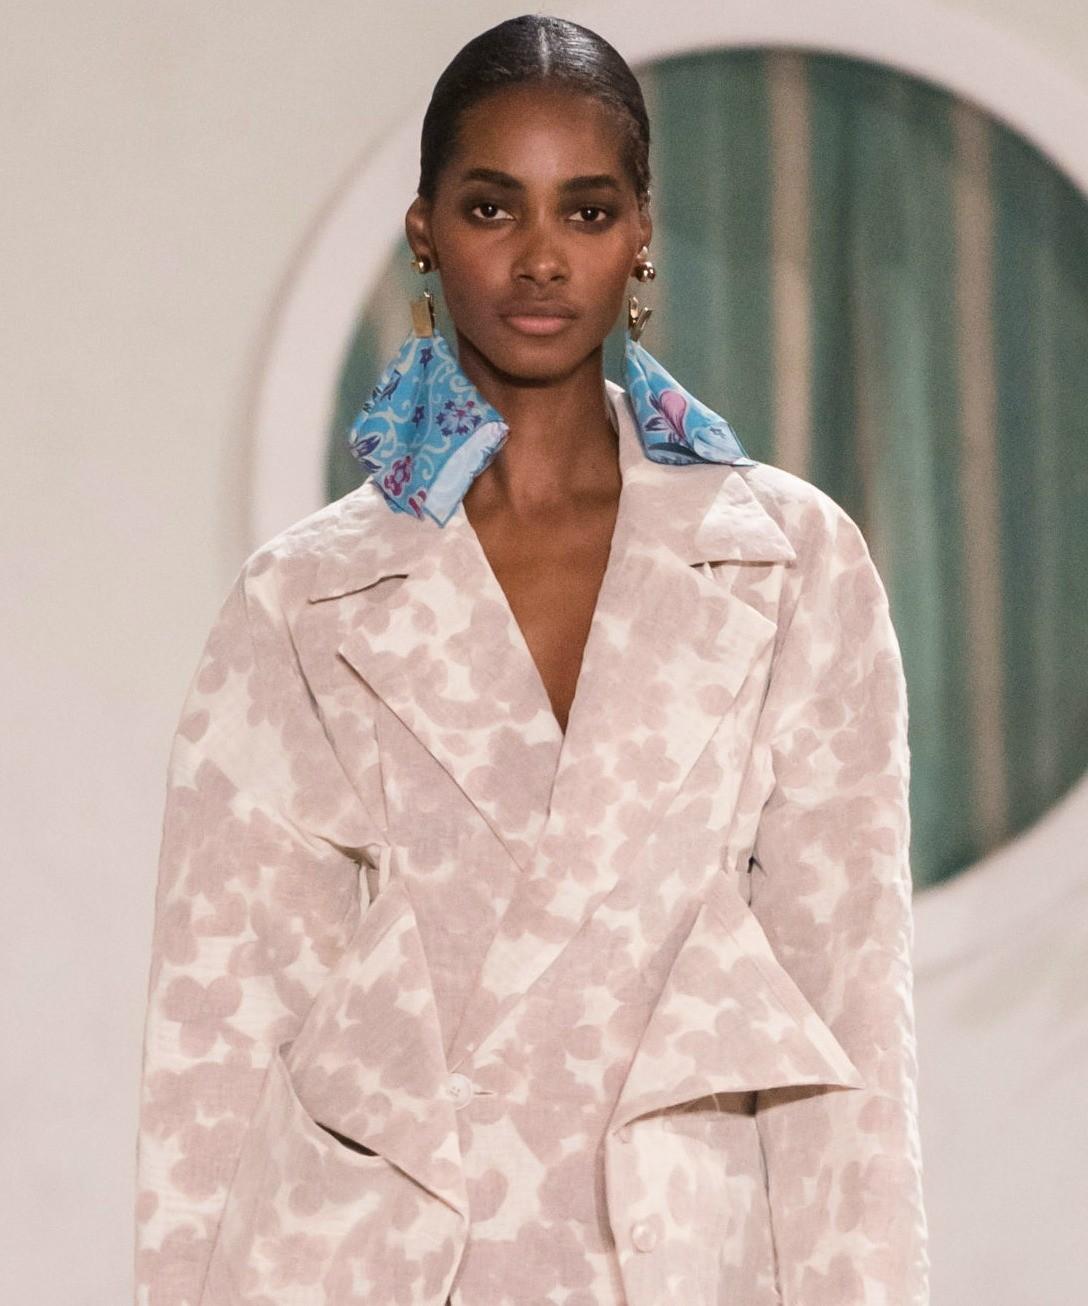 Еще платок можно крепить на серьги. Такую комбинацию мы видели в весенне-летних коллекциях 2019. Например, на показе бренда Jacquemus серьги на моделях представляли из себя миниатюрные пр...